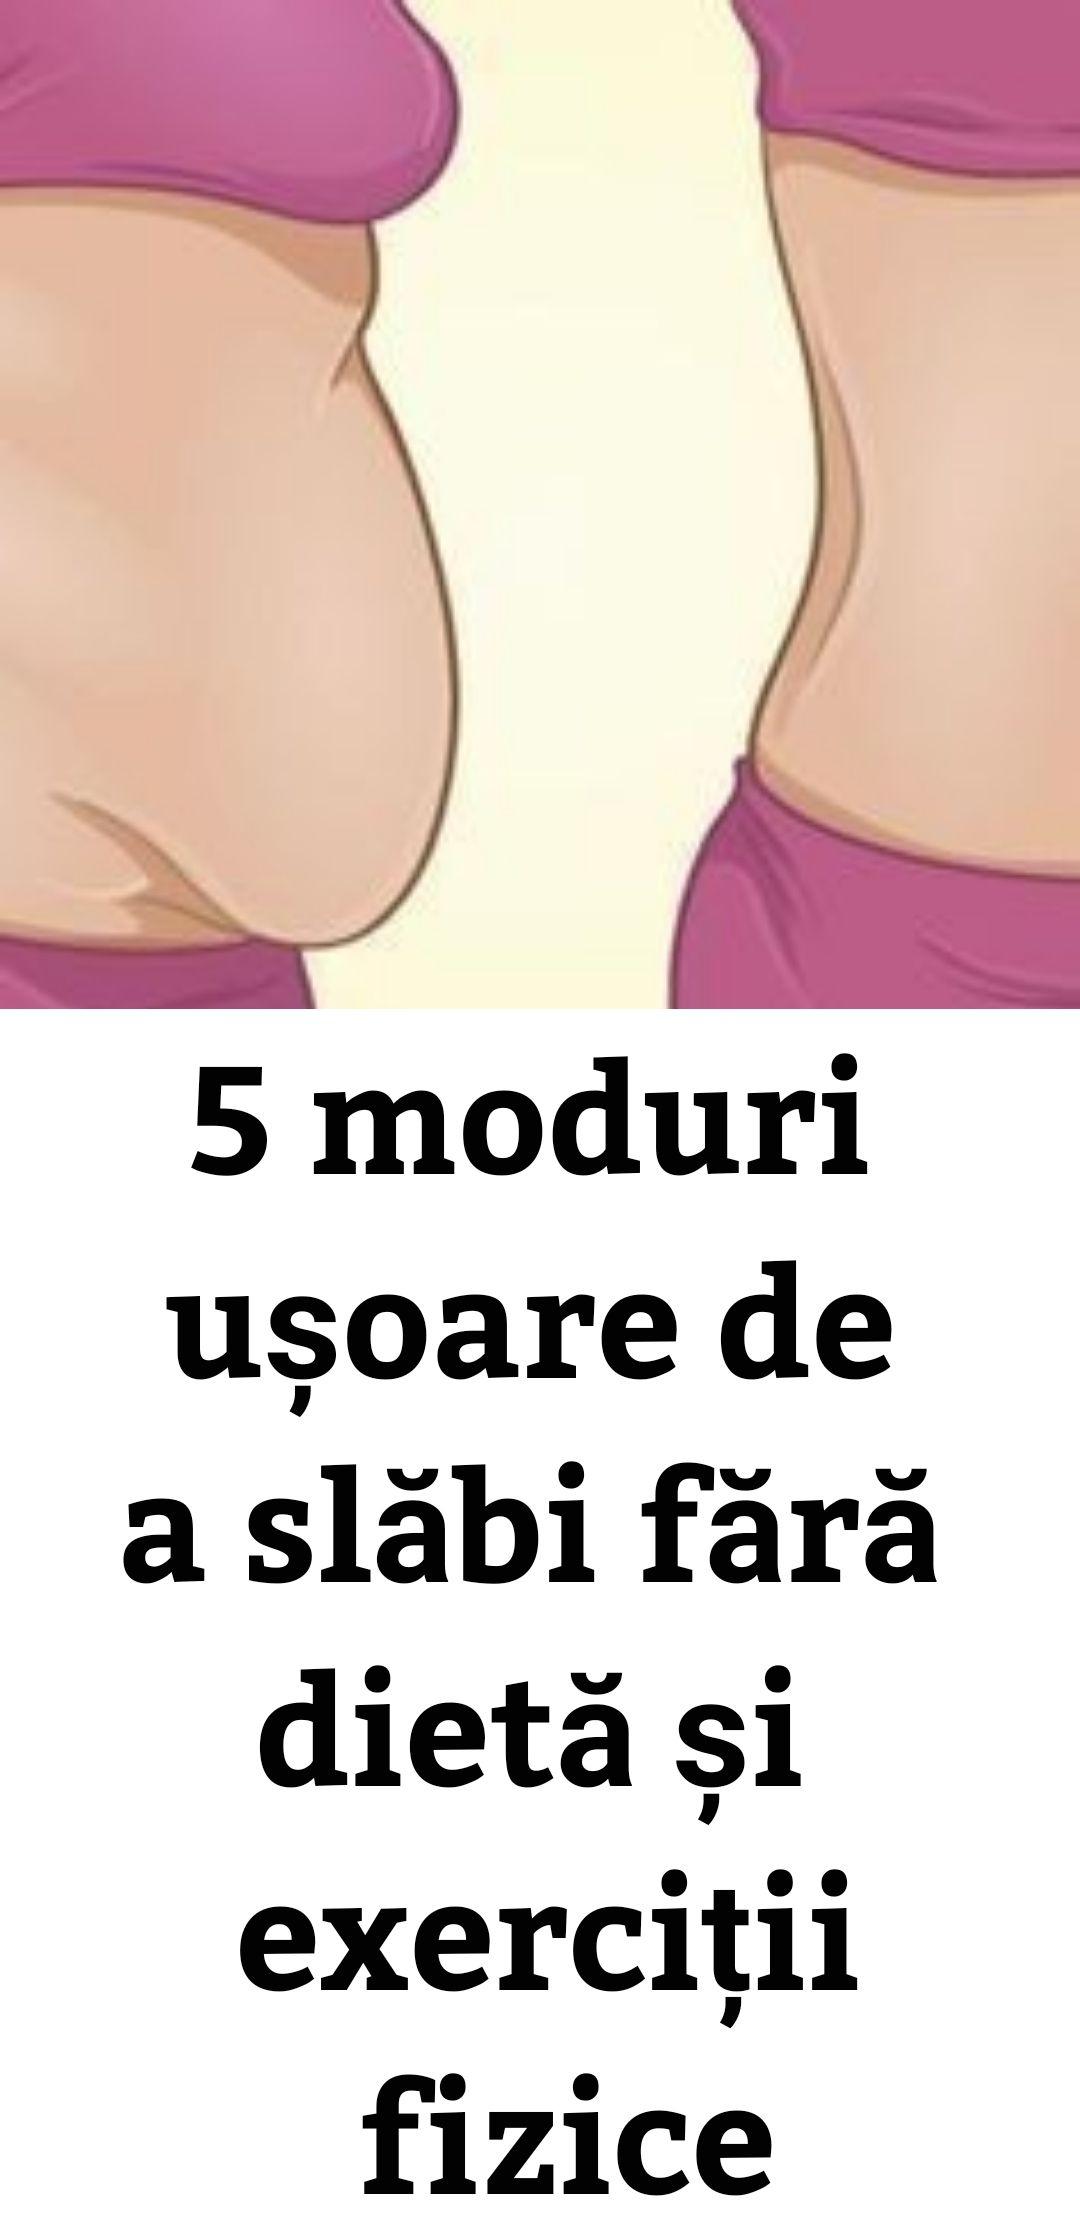 Pierdere în greutate de 1 kg în 1 săptămână)